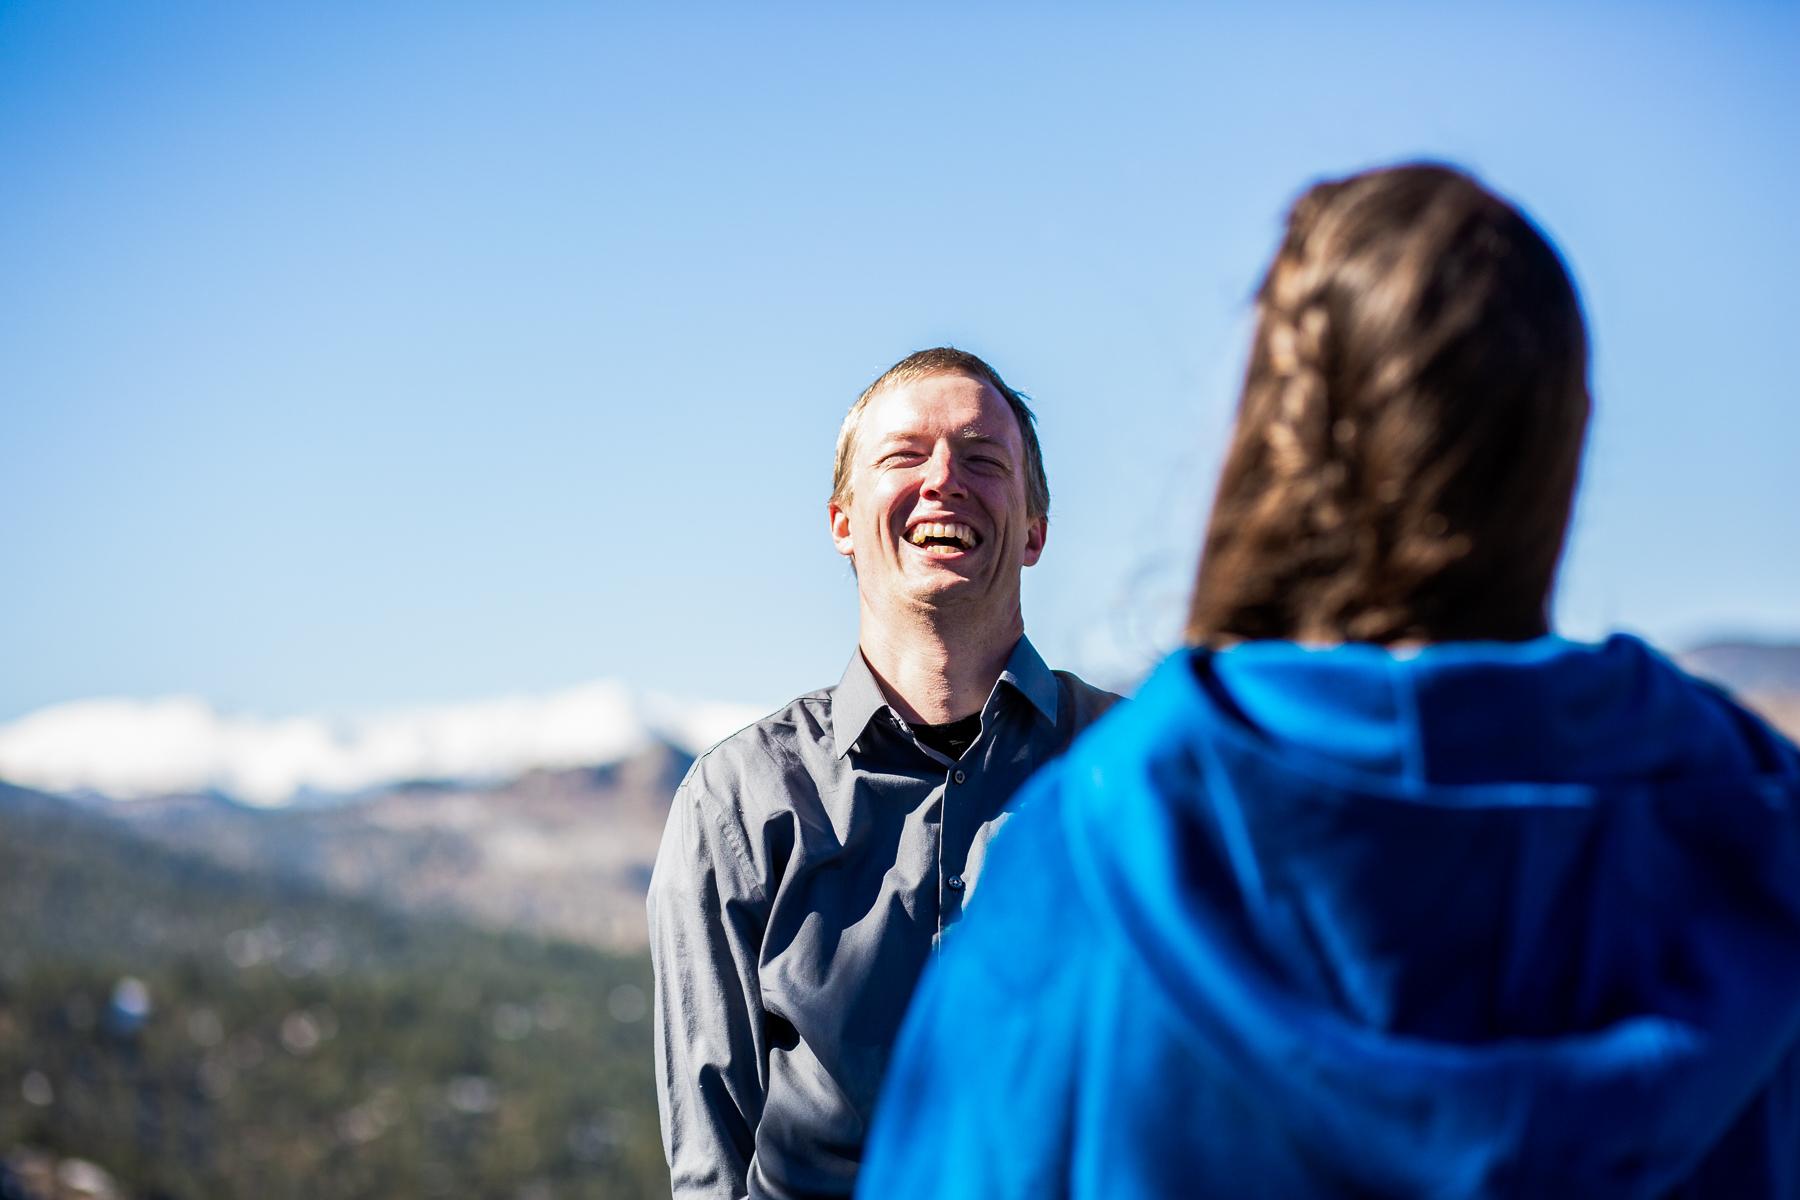 Foto di cerimonia di nozze di avventura di Boulder, Colorado | lo sposo ride delle battute lanciate nella cerimonia